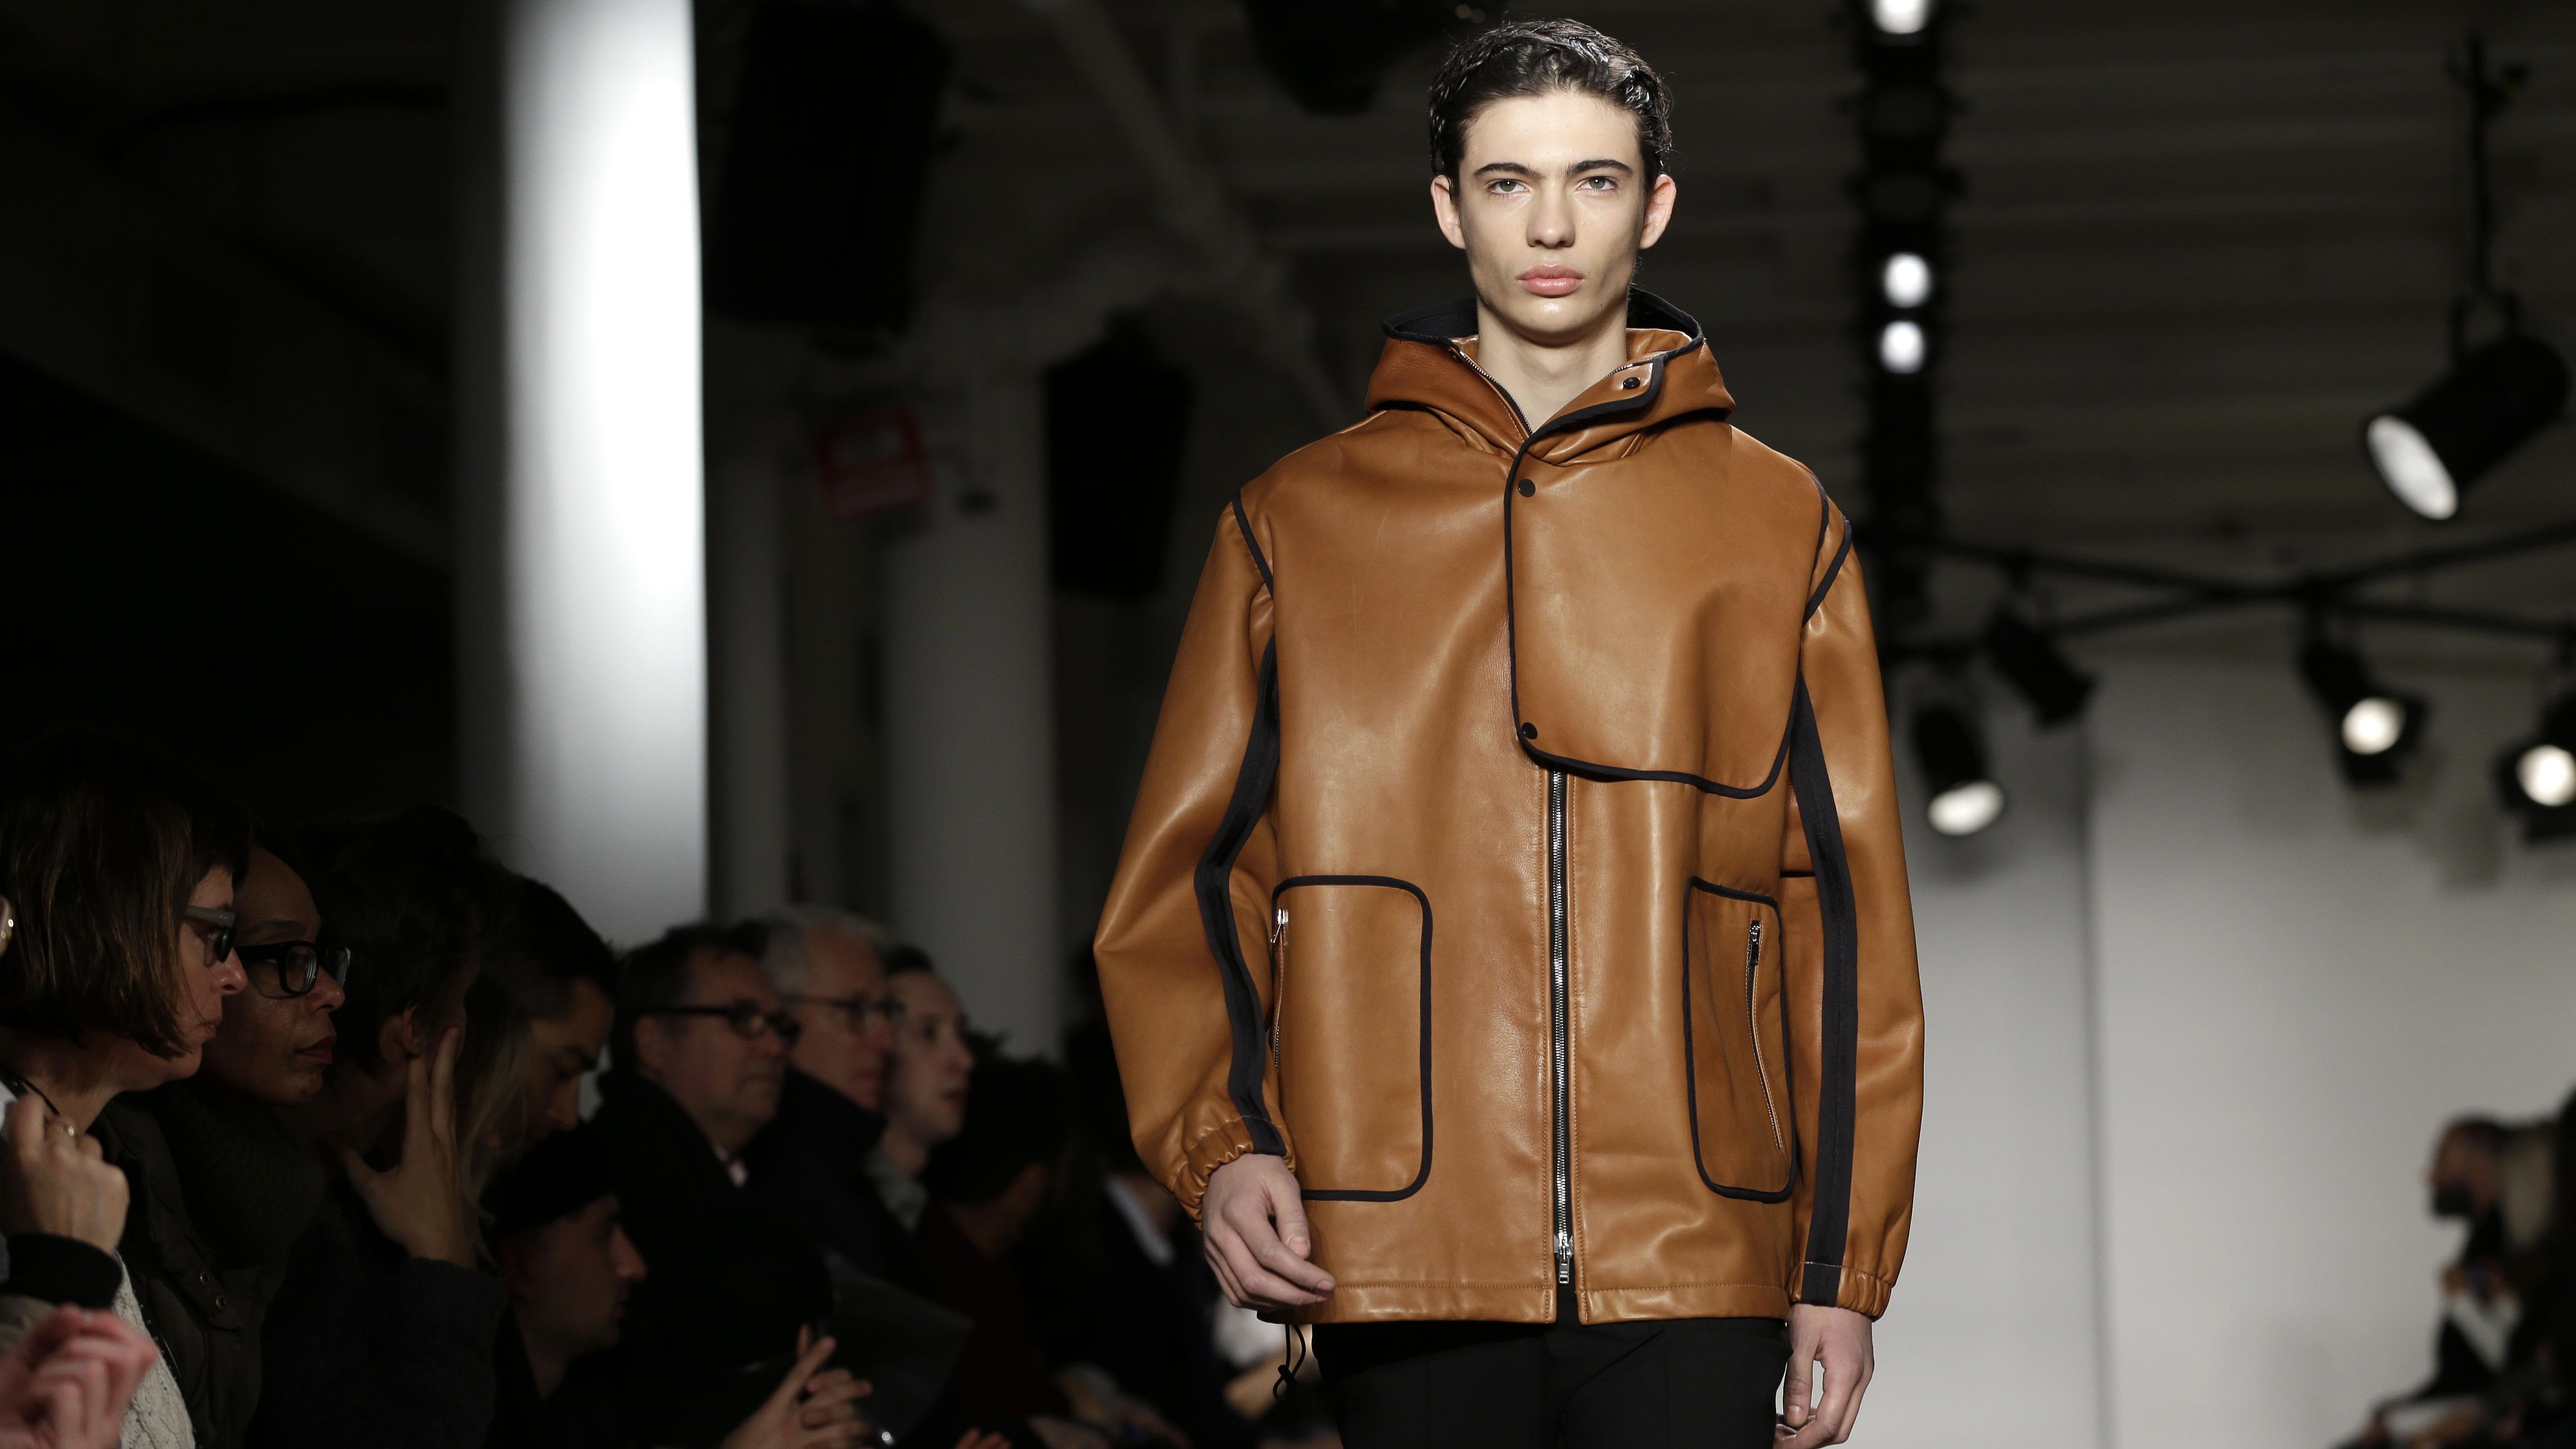 Amir baig fashion designer 59